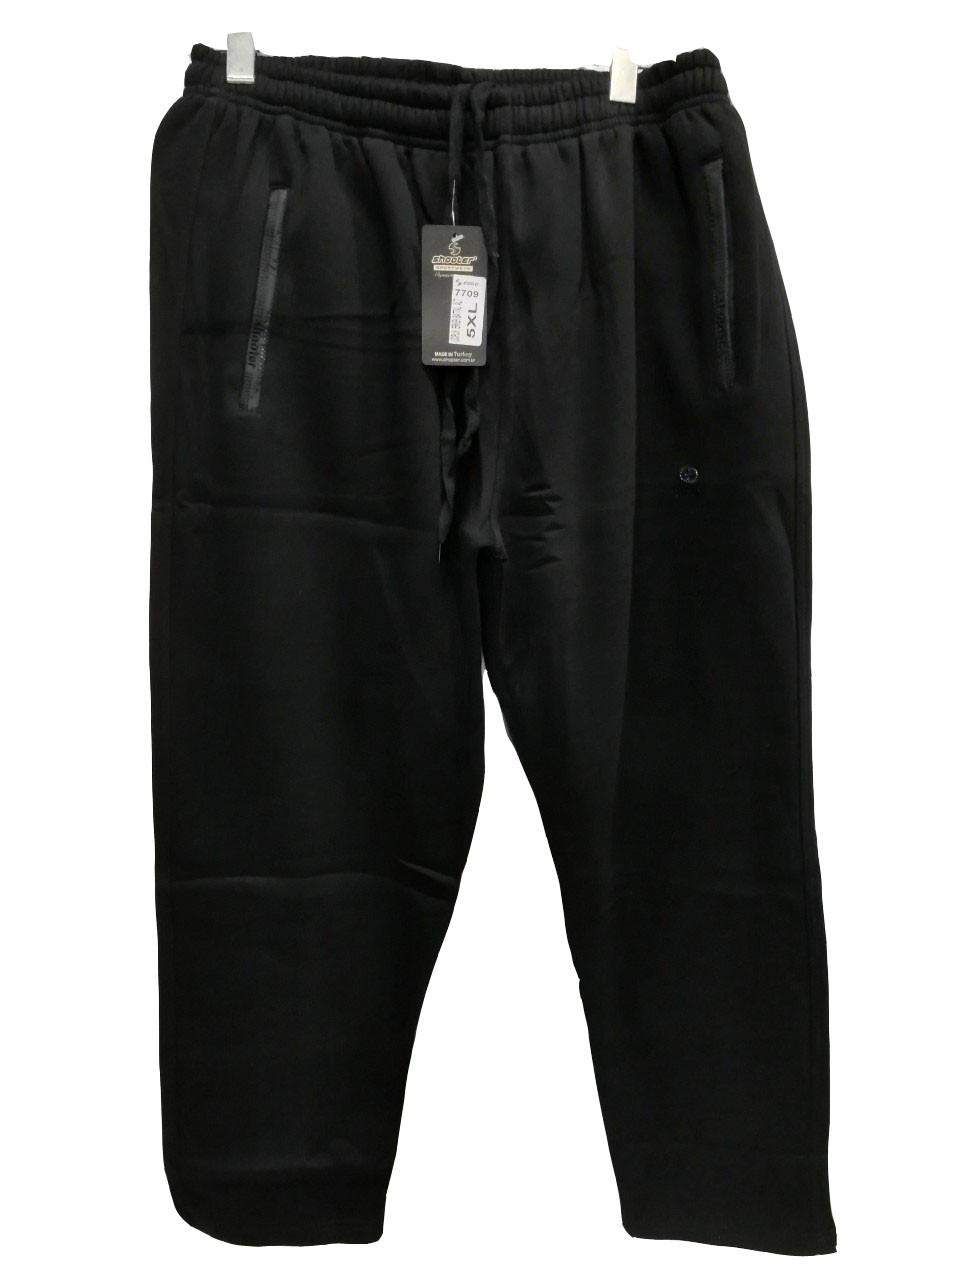 Брюки теплые Shooter батал 7709 зимние мужские спортивные штаны Шутер большого размера Черный